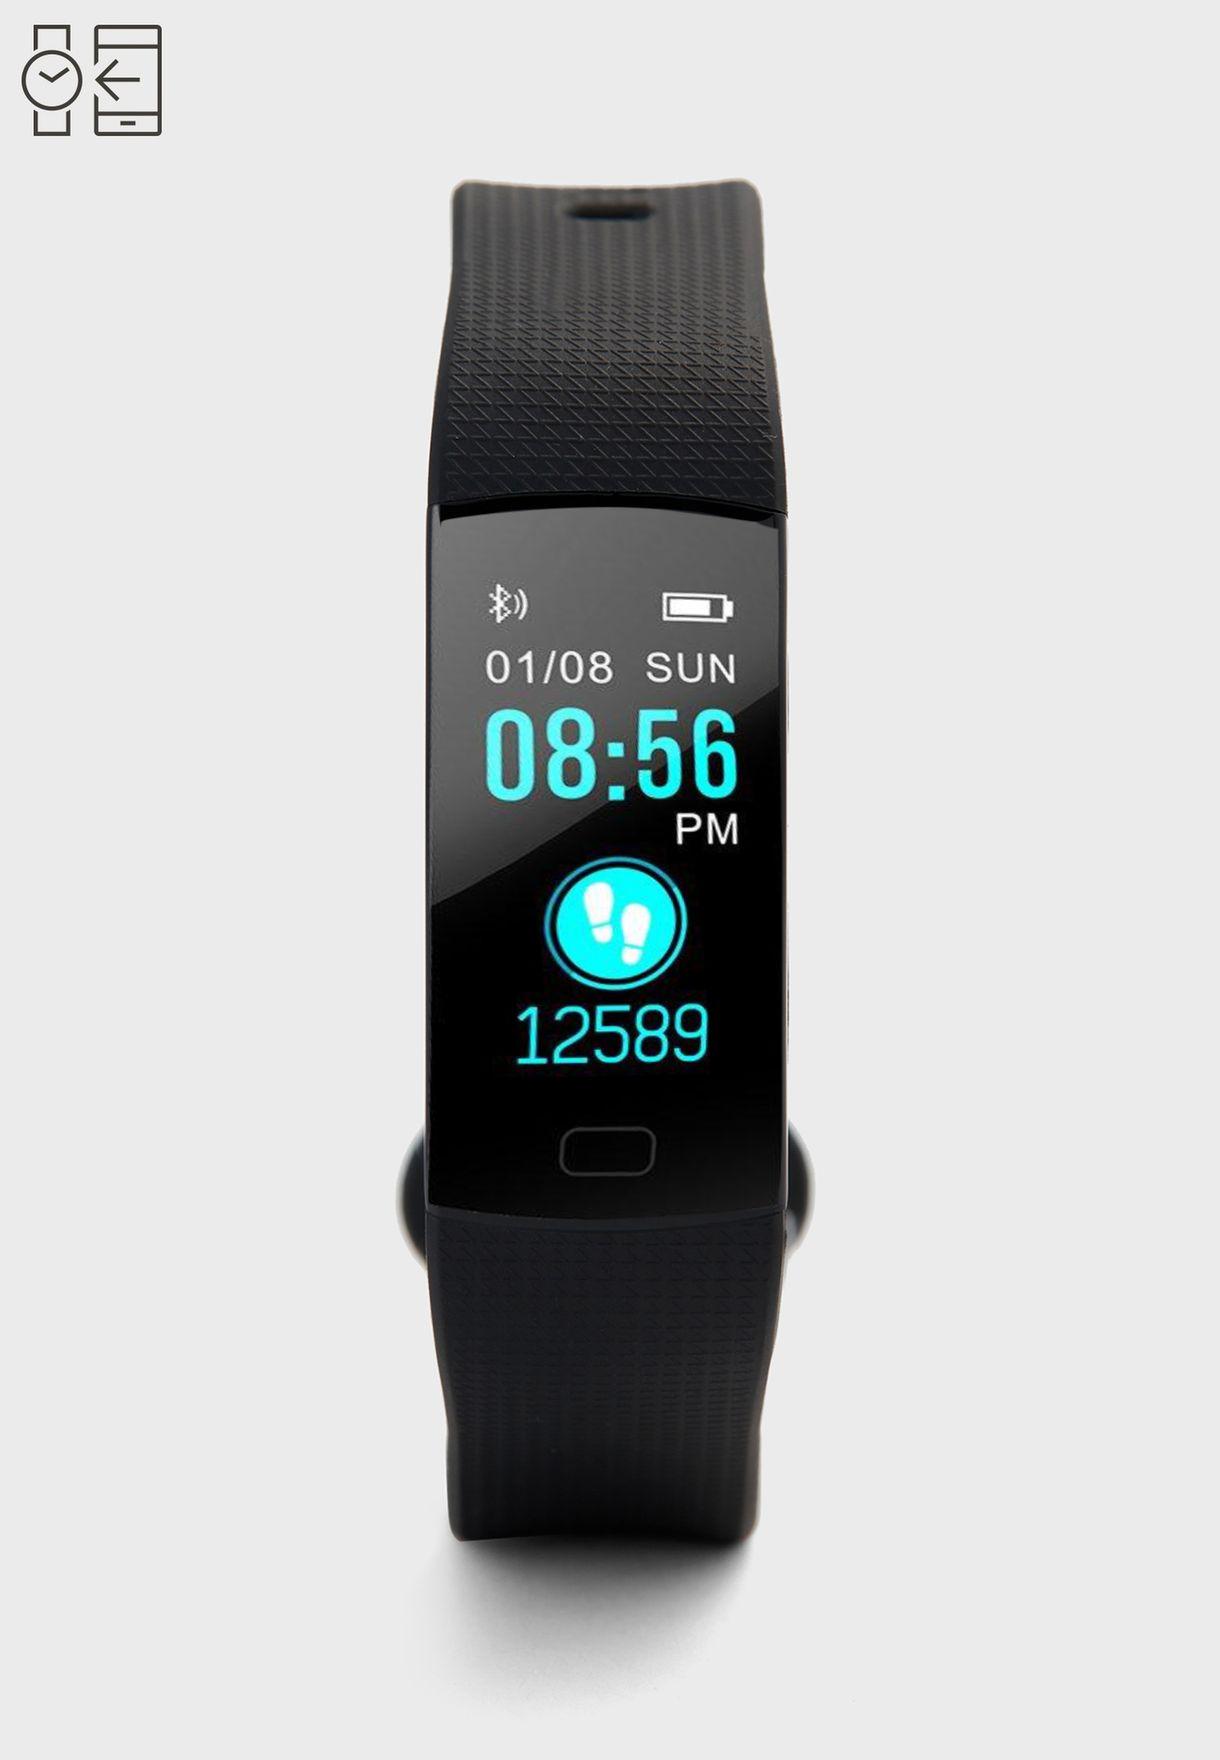 8f32aad6e تسوق ساعة ذكية رقمية ماركة سفنتي فايف لون أسود MTB005 في السعودية ...